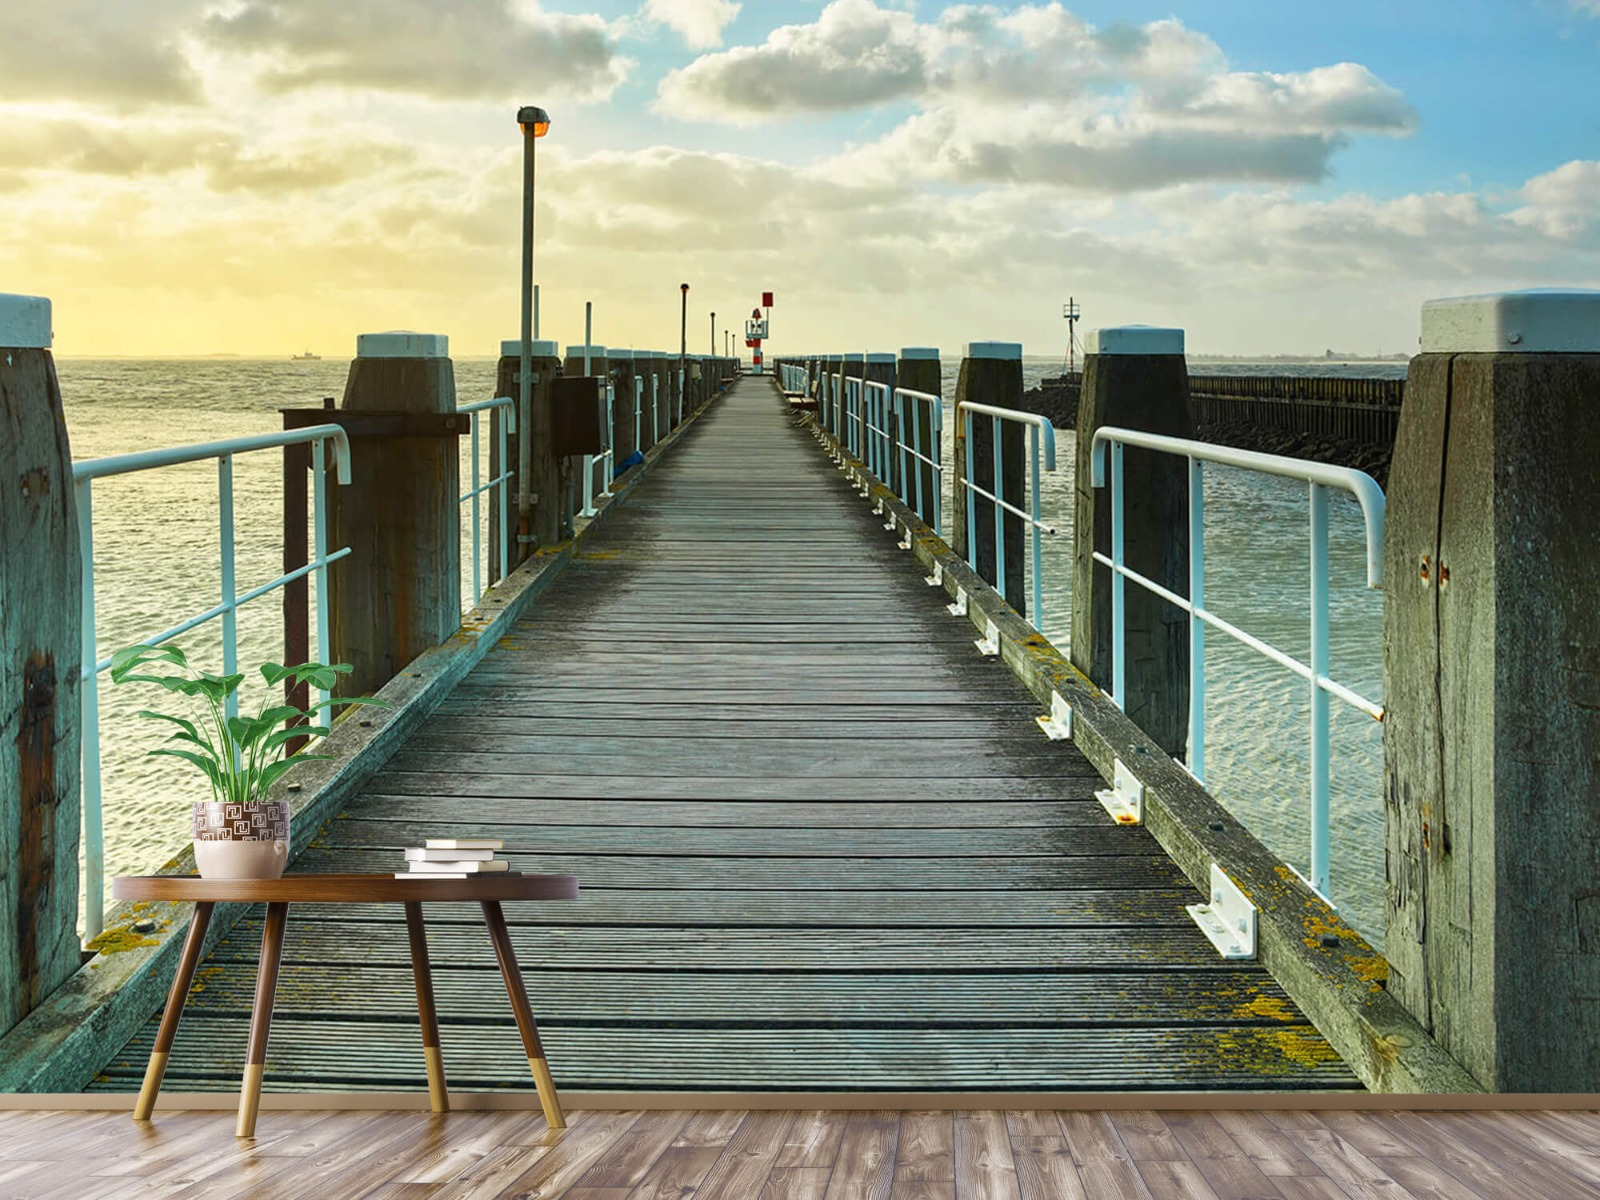 Zeeën en Oceanen - Steiger aan de kust - Woonkamer 3